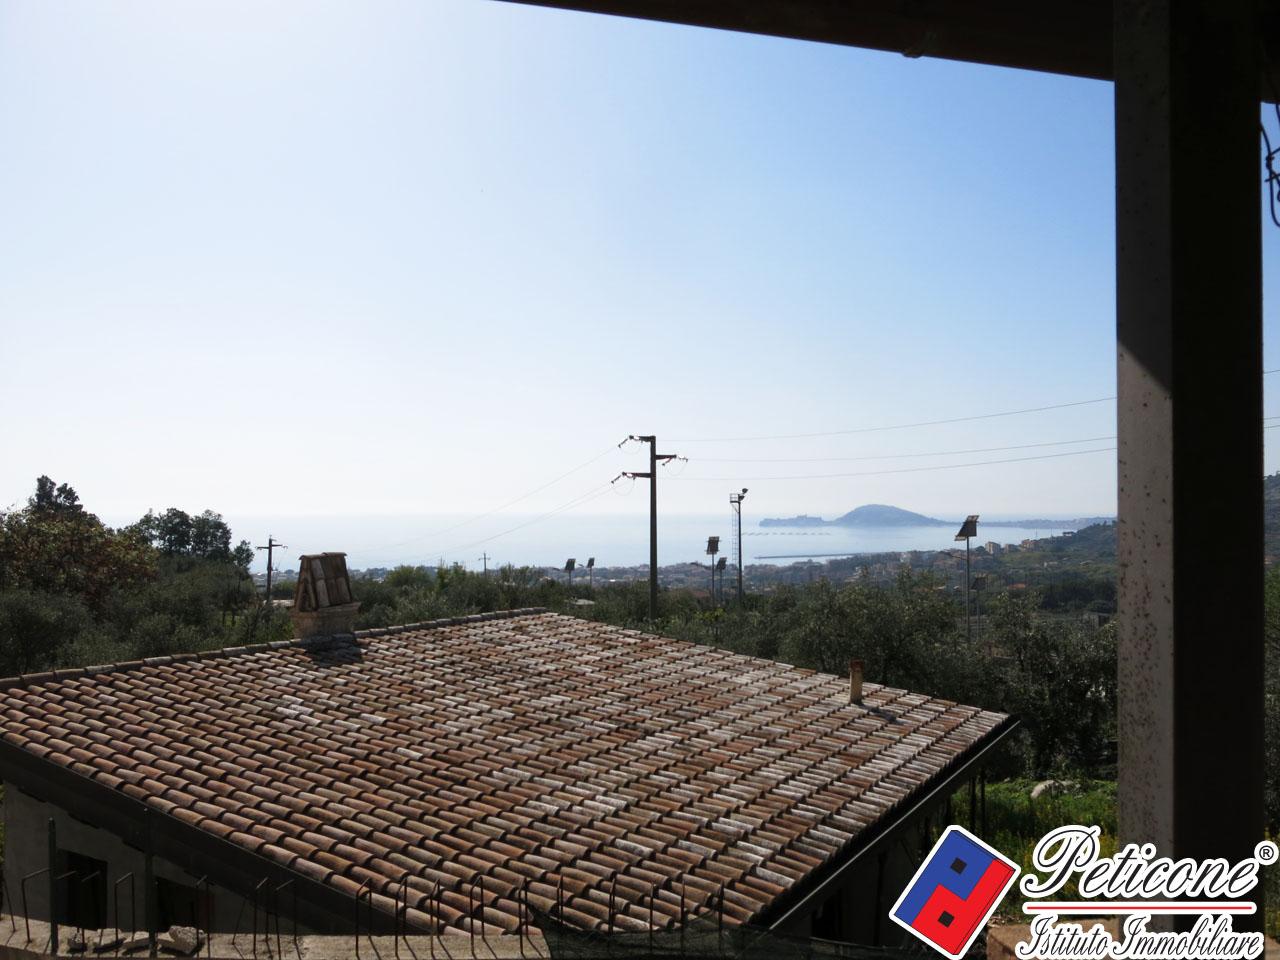 Villa in Vendita a Formia: 4 locali, 90 mq - Foto 27